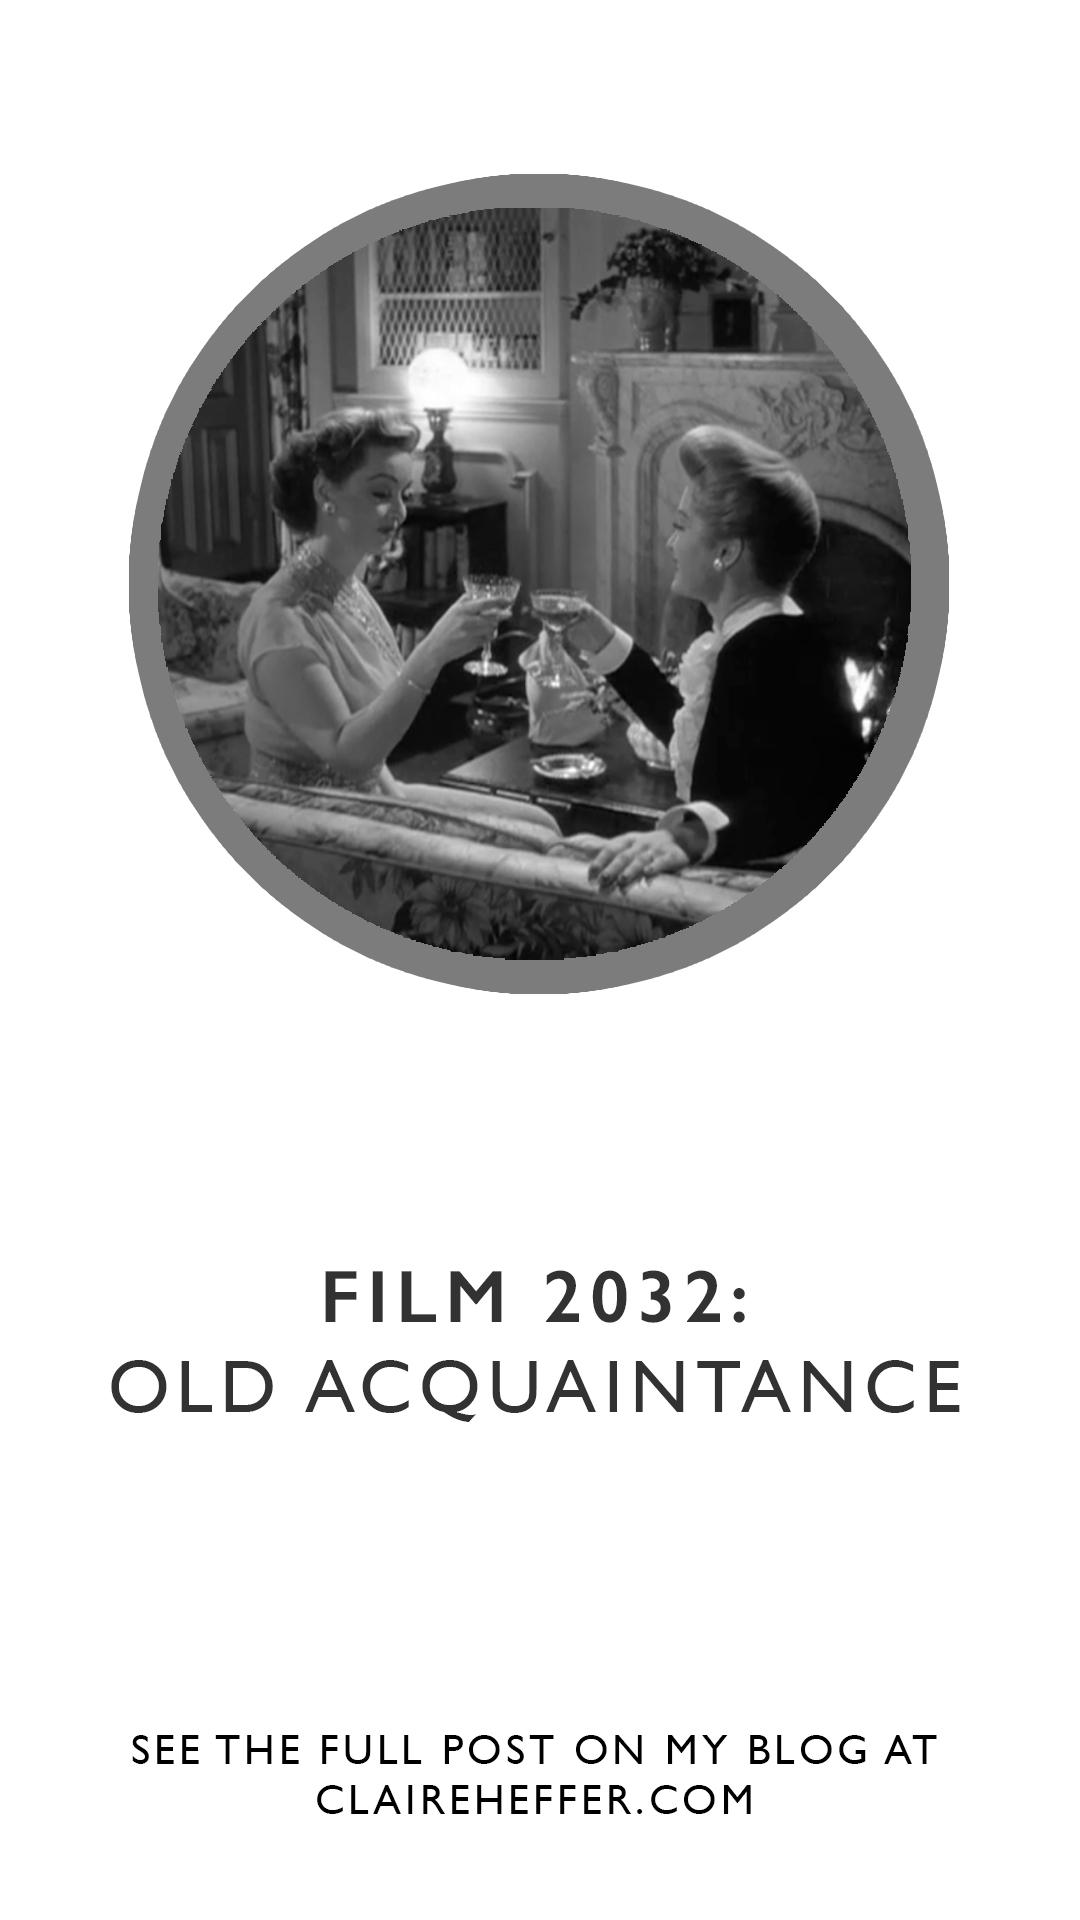 FILM 2032- OLD ACQUAINTANCE 2.jpgFILM 2032: OLD ACQUAINTANCE-bette Davis